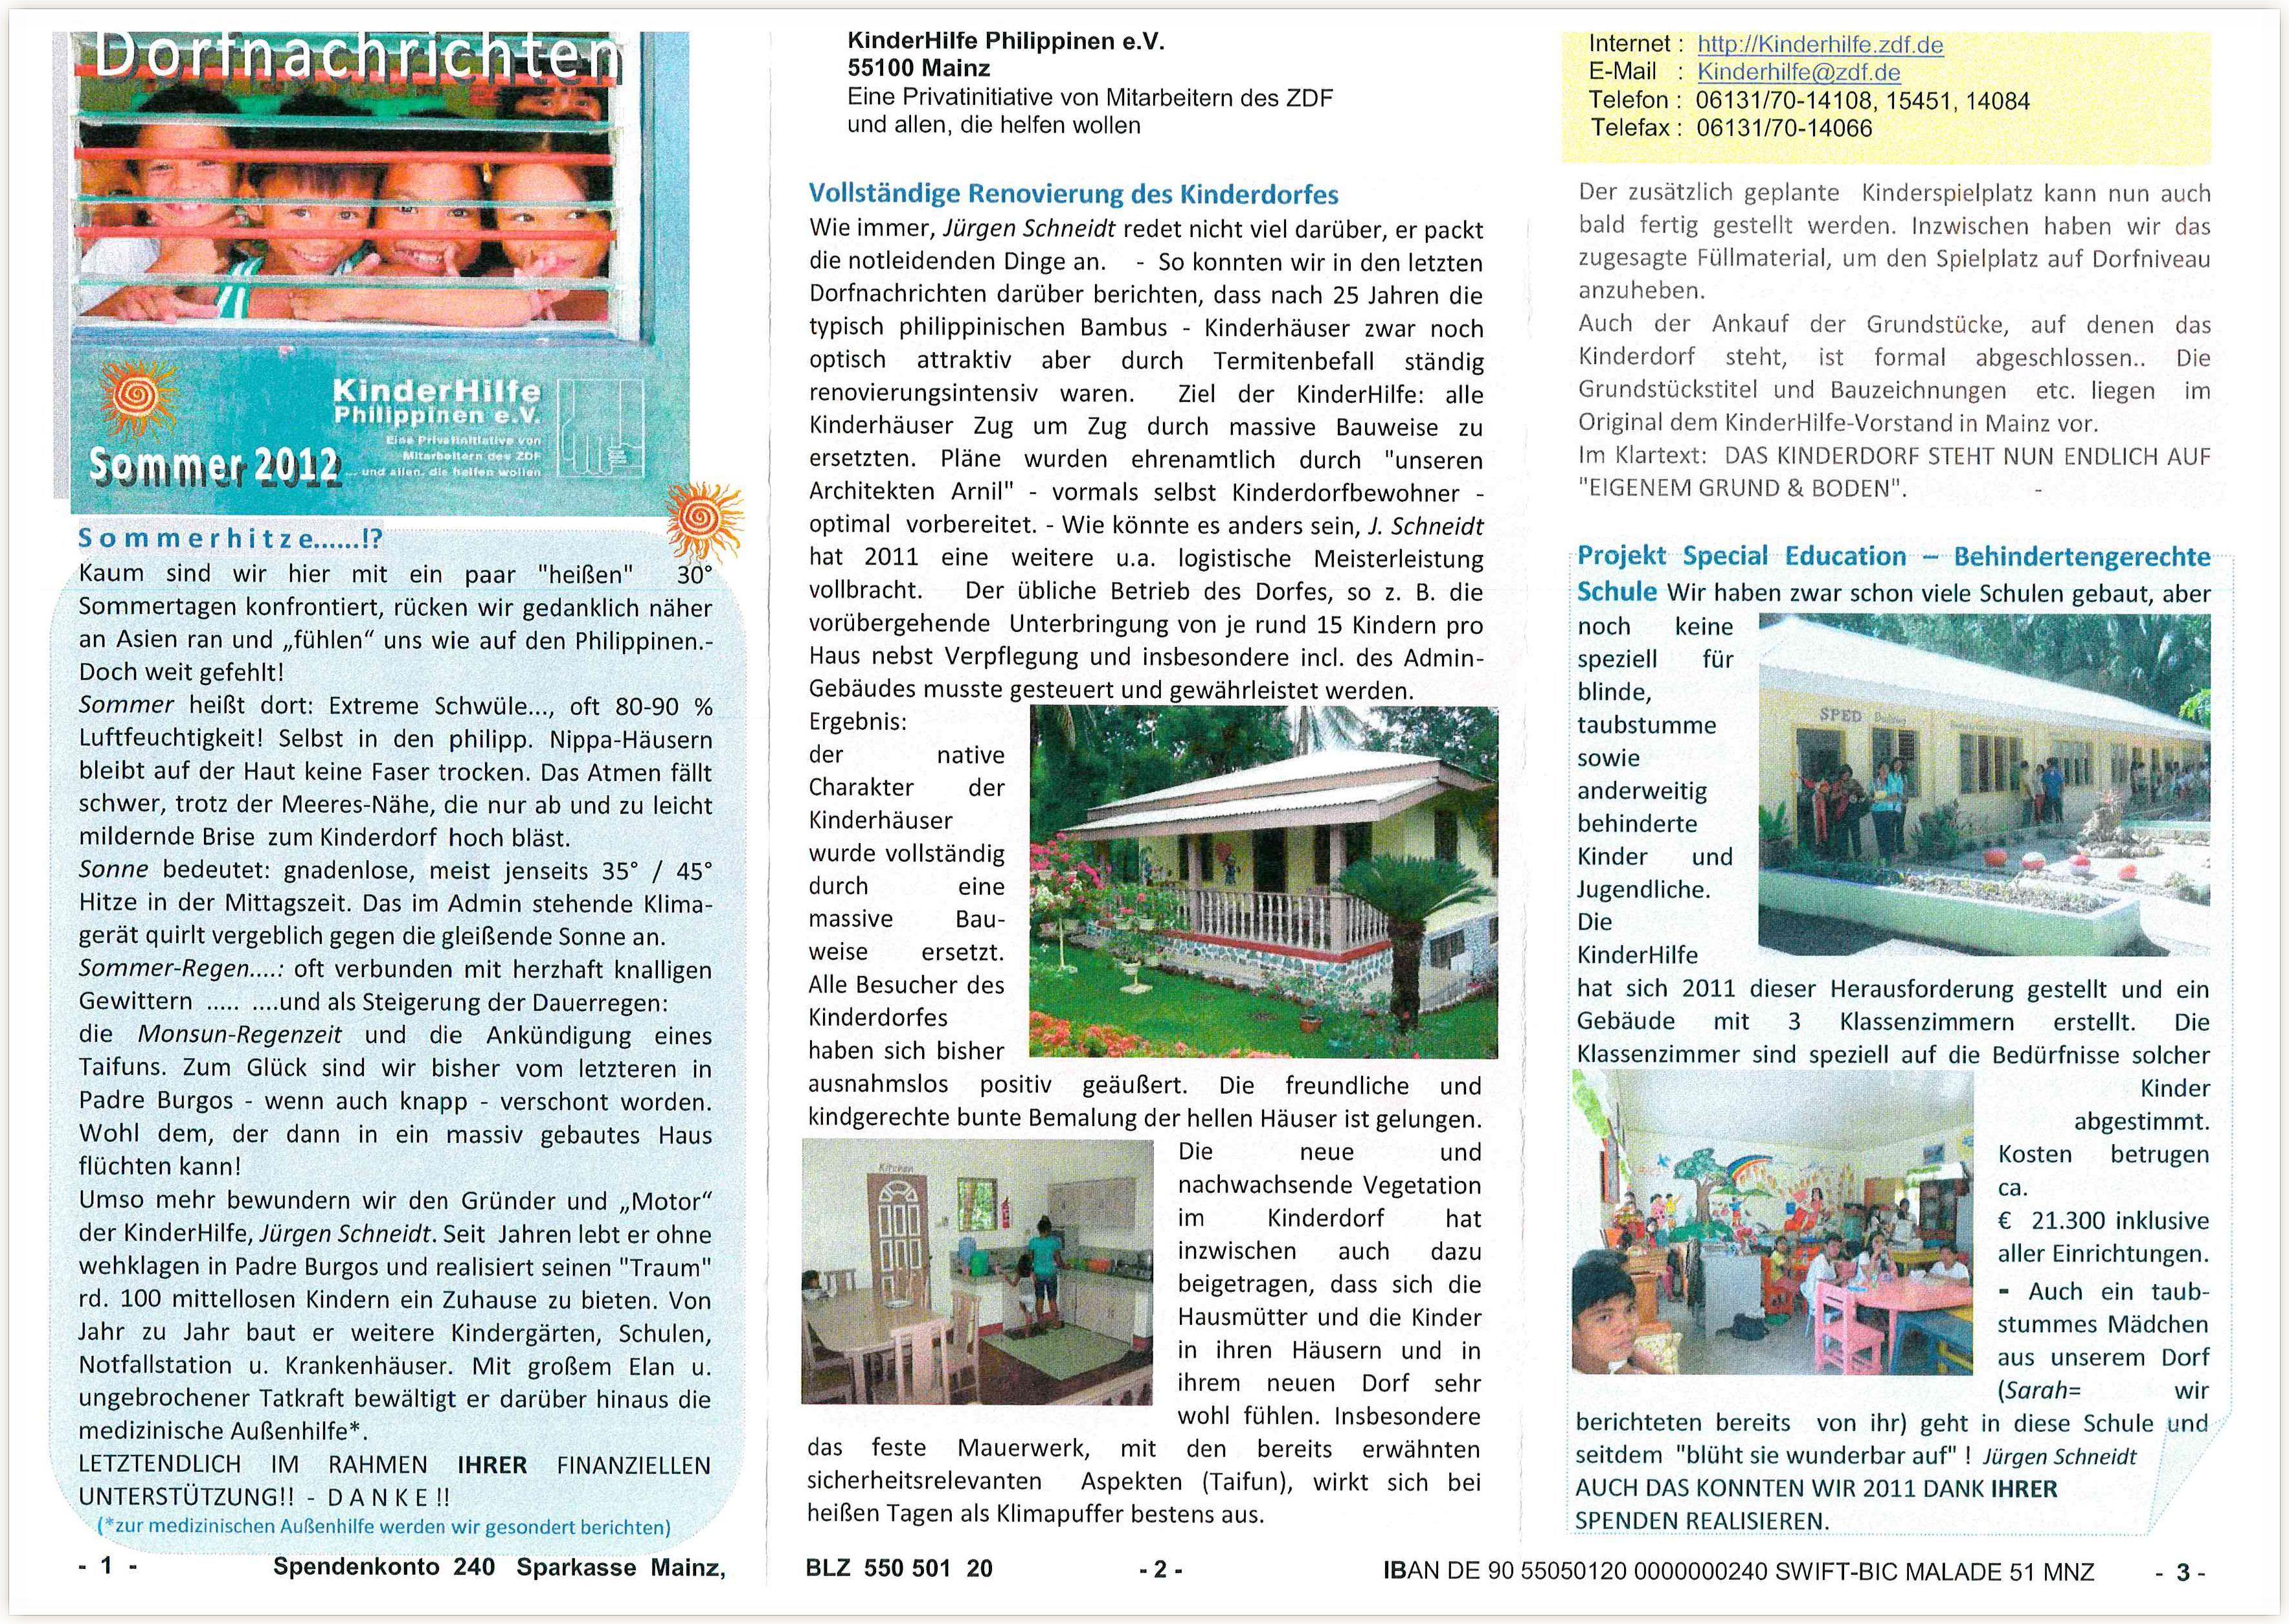 dorfnachrichten_2012_1